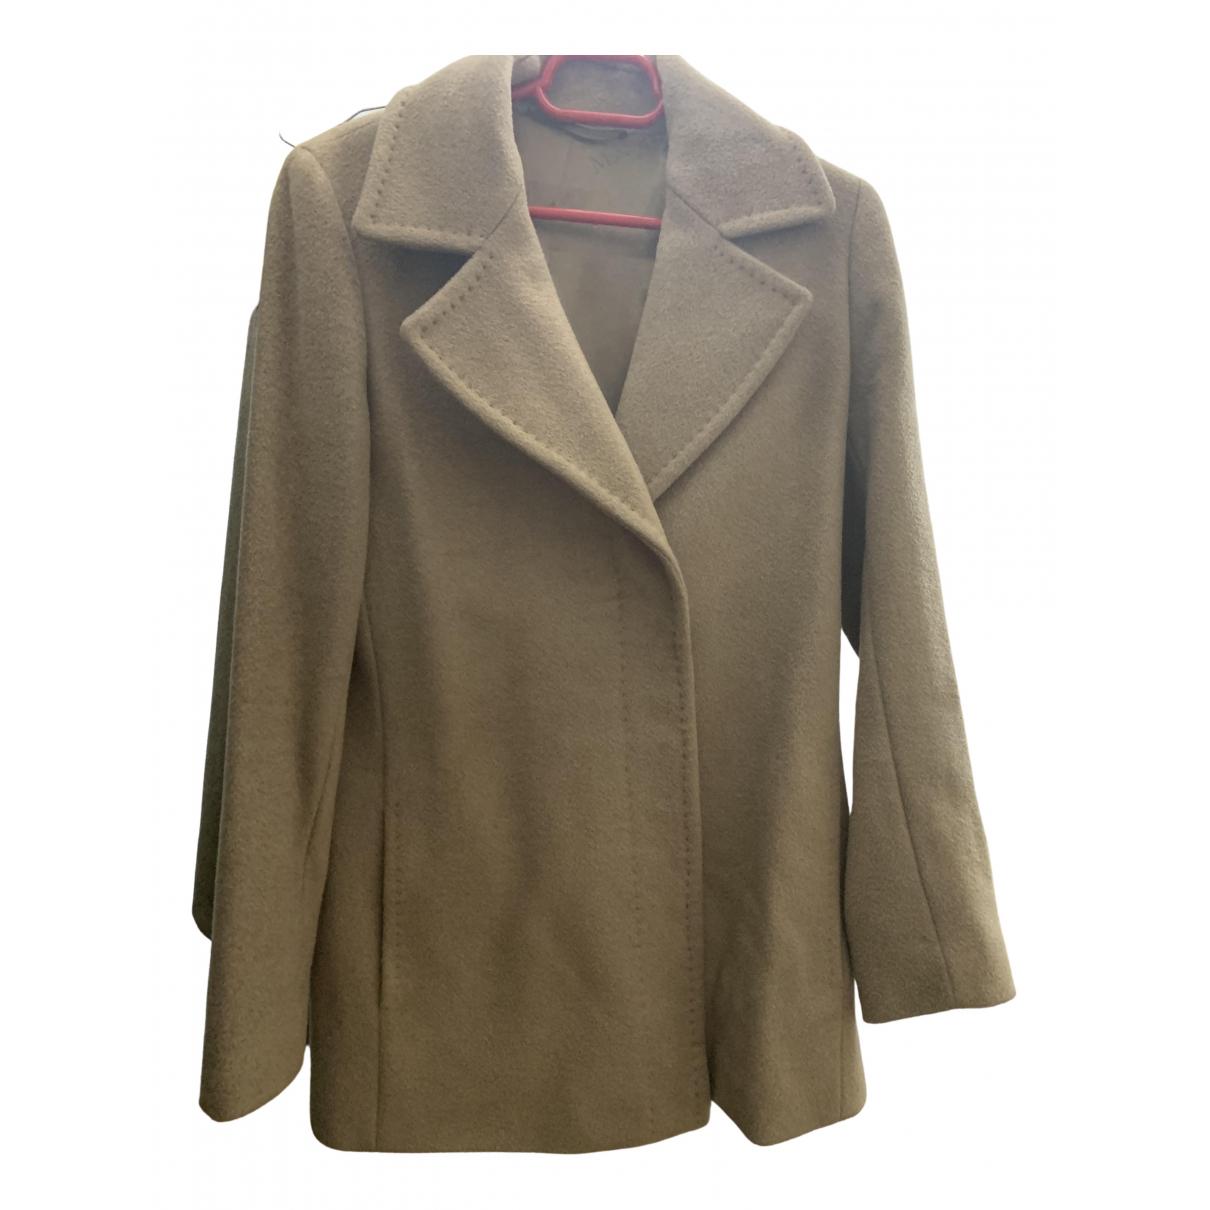 Max Mara - Manteau 101801 pour femme en laine - camel